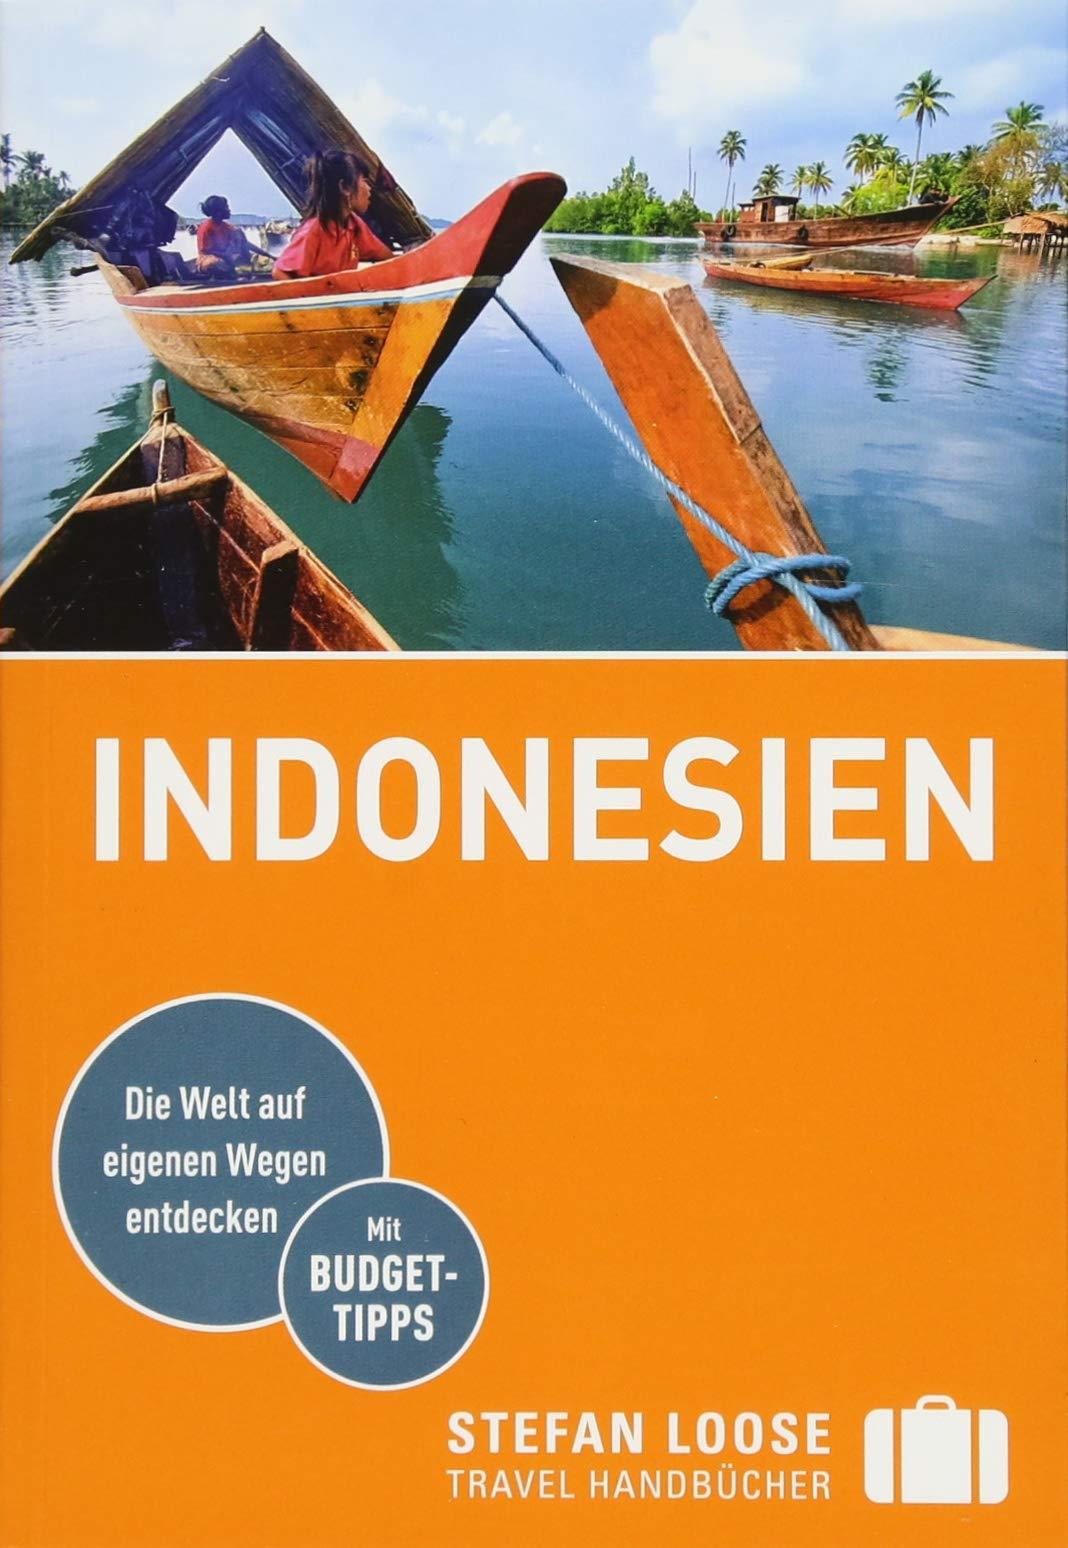 Stefan Loose Reiseführer Indonesien PDF